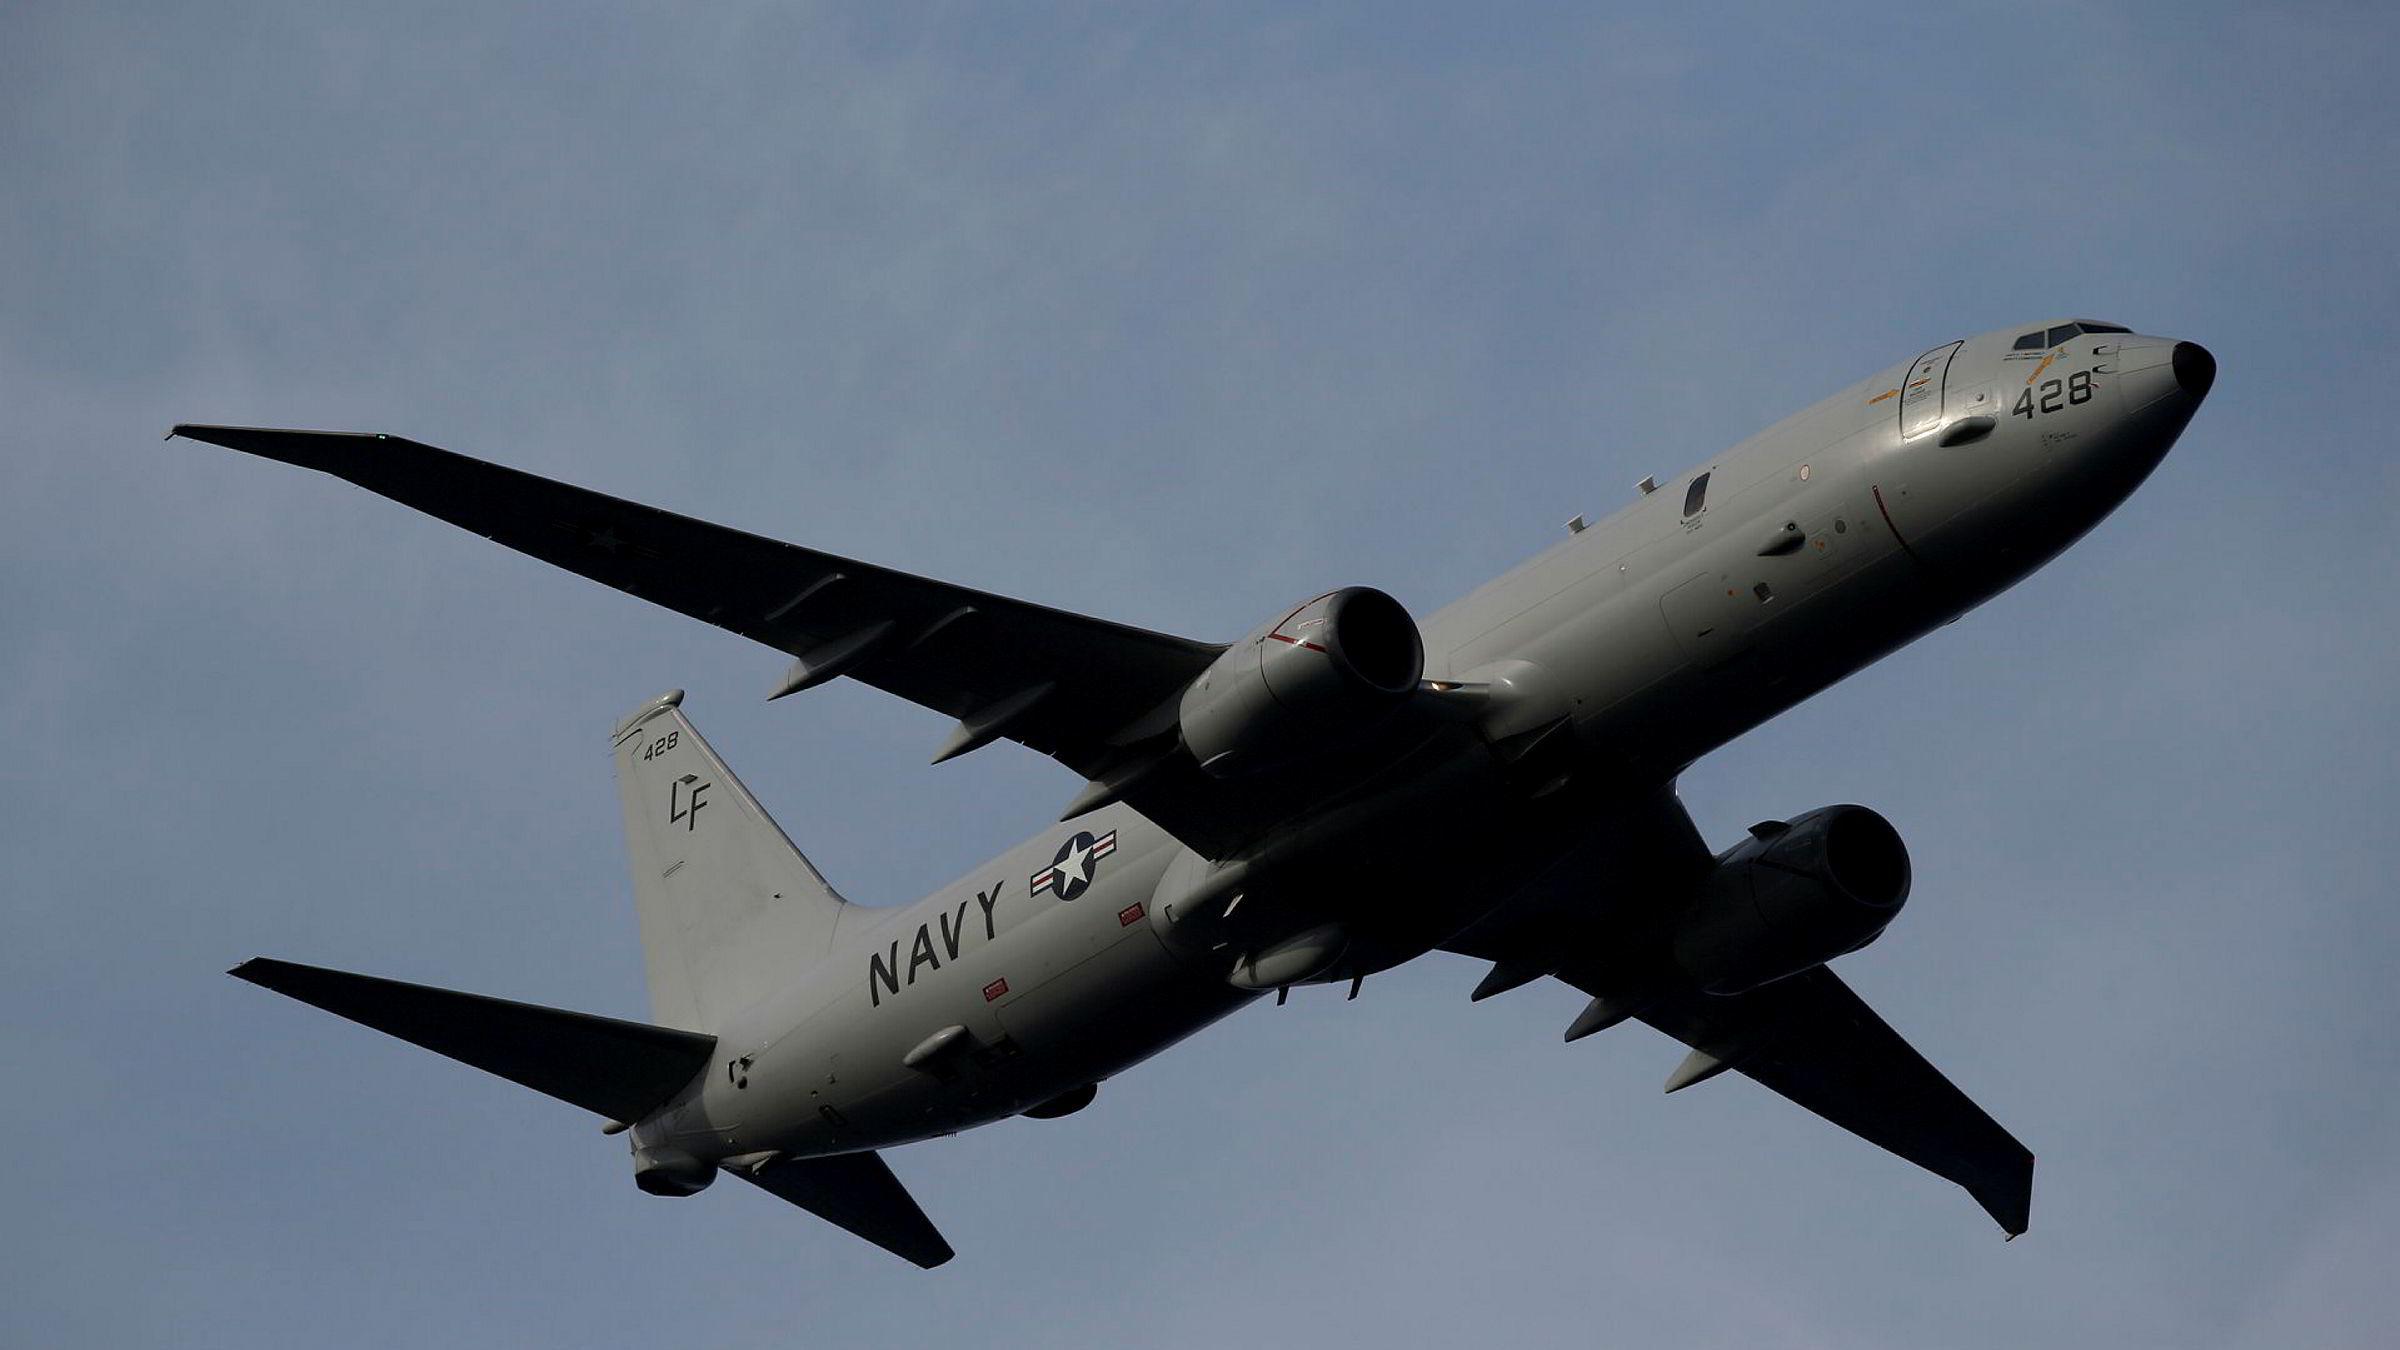 Norge har bestilt fem maritime overvåkningsfly av typen P-8 Poseidon. Hovedbasen blir på Evenes – ikke Andøya.